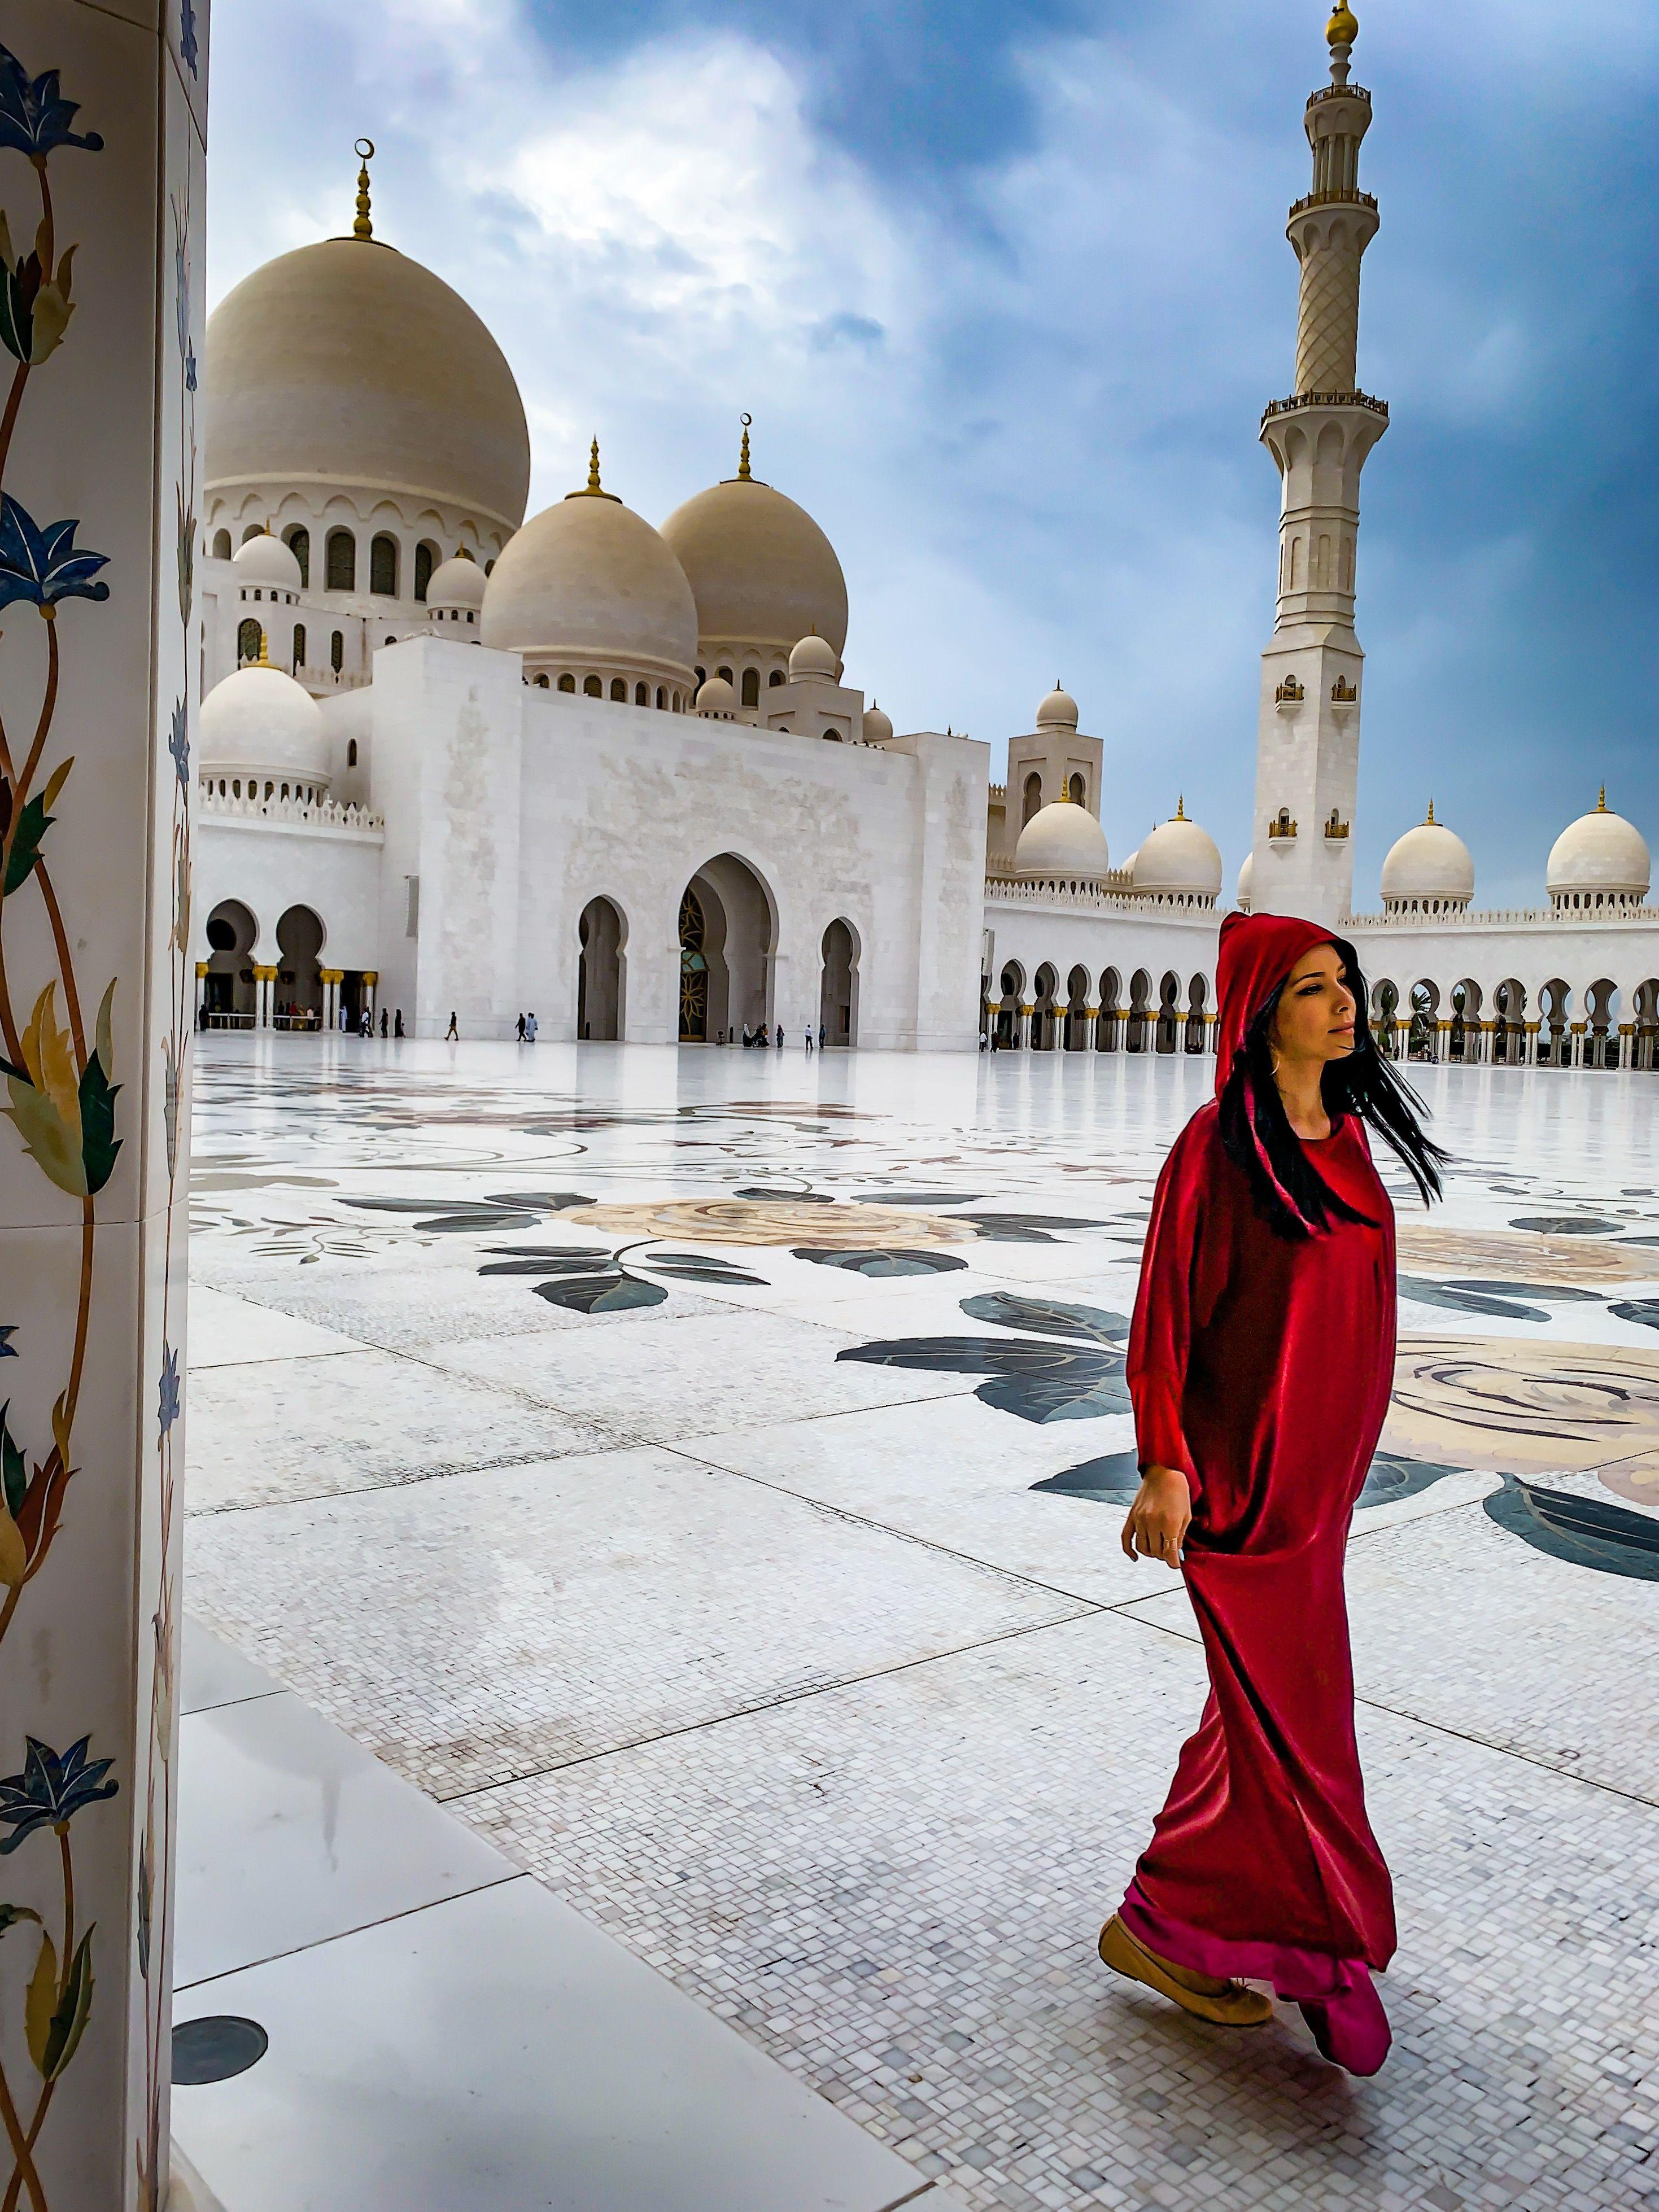 Abu Dhabi Taj Mahal Abu Dhabi World